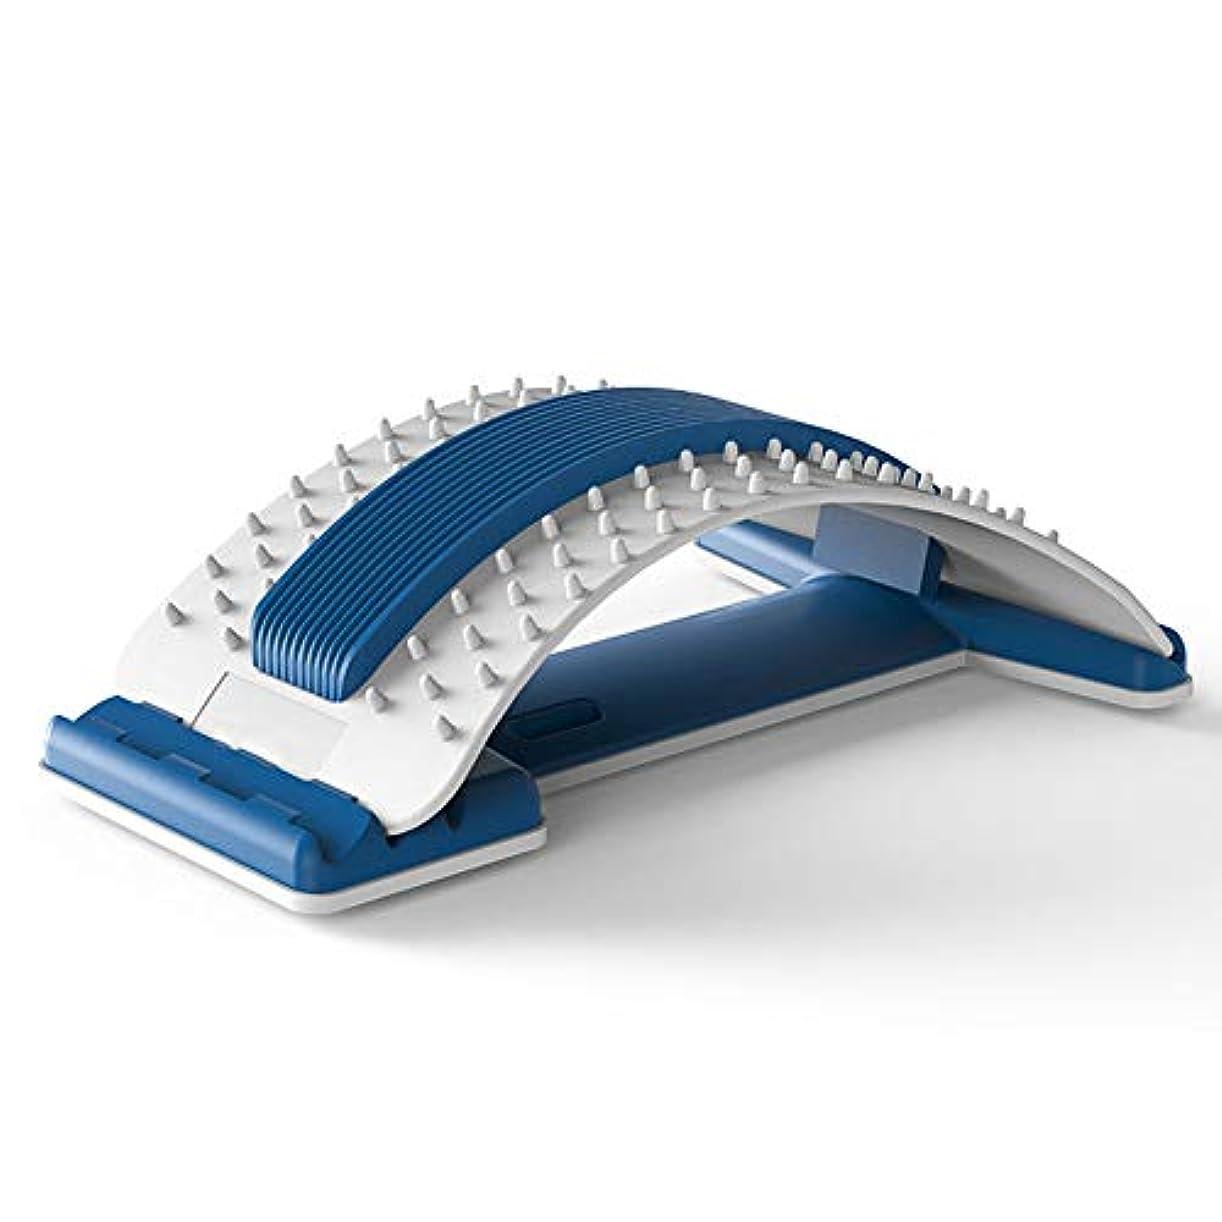 閃光面積重要な役割を果たす、中心的な手段となる腰椎矯正腰椎間板ヘルニアトラクターポータブル鍼治療パッド腰椎理学療法器具家庭用車